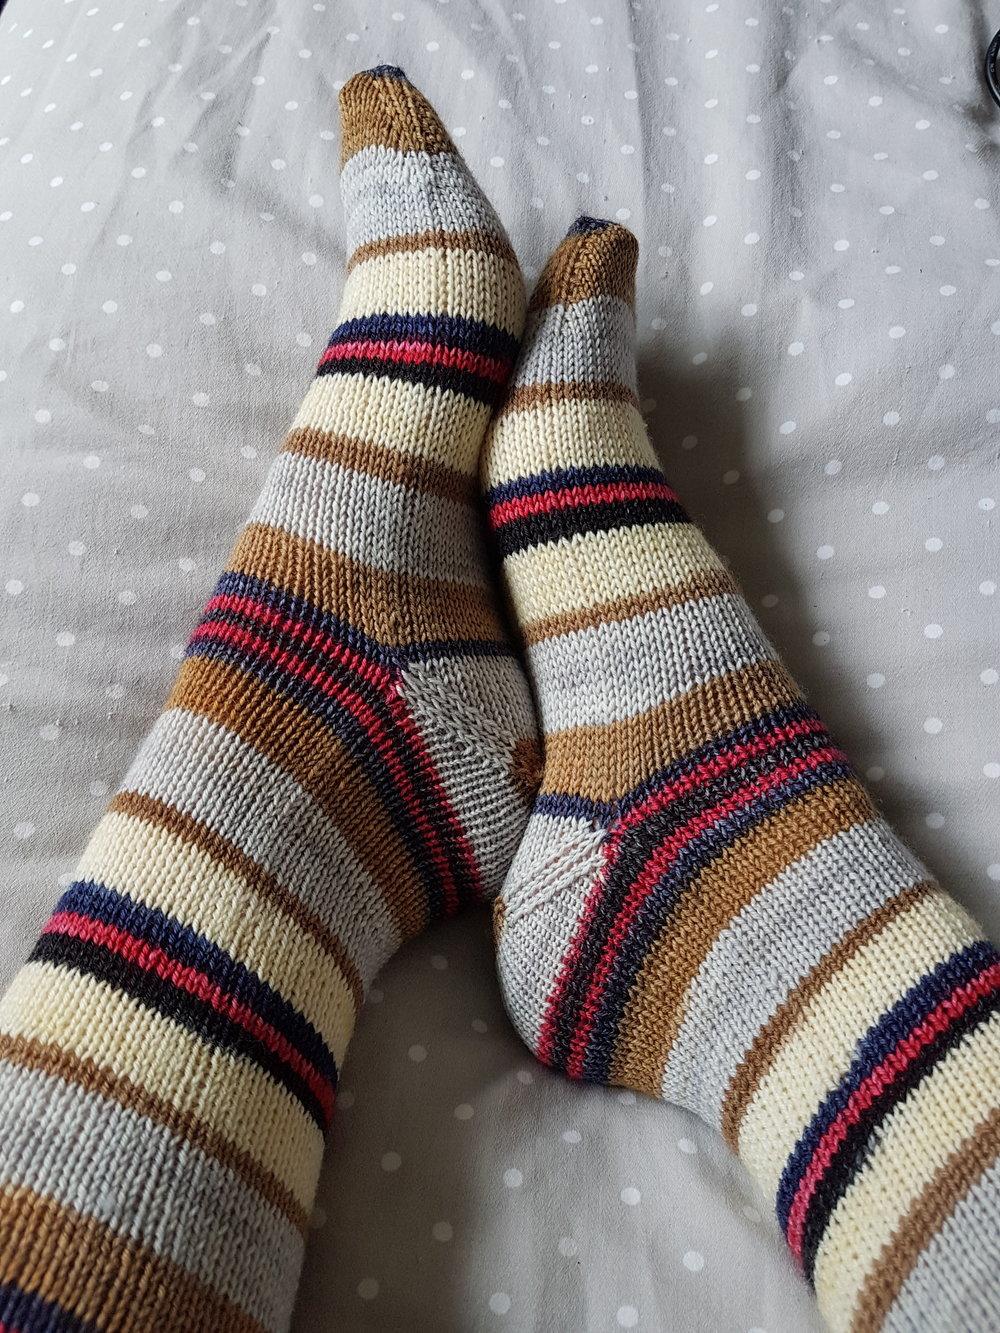 Socks Vs Sleeves Louise Tilbrook Designs